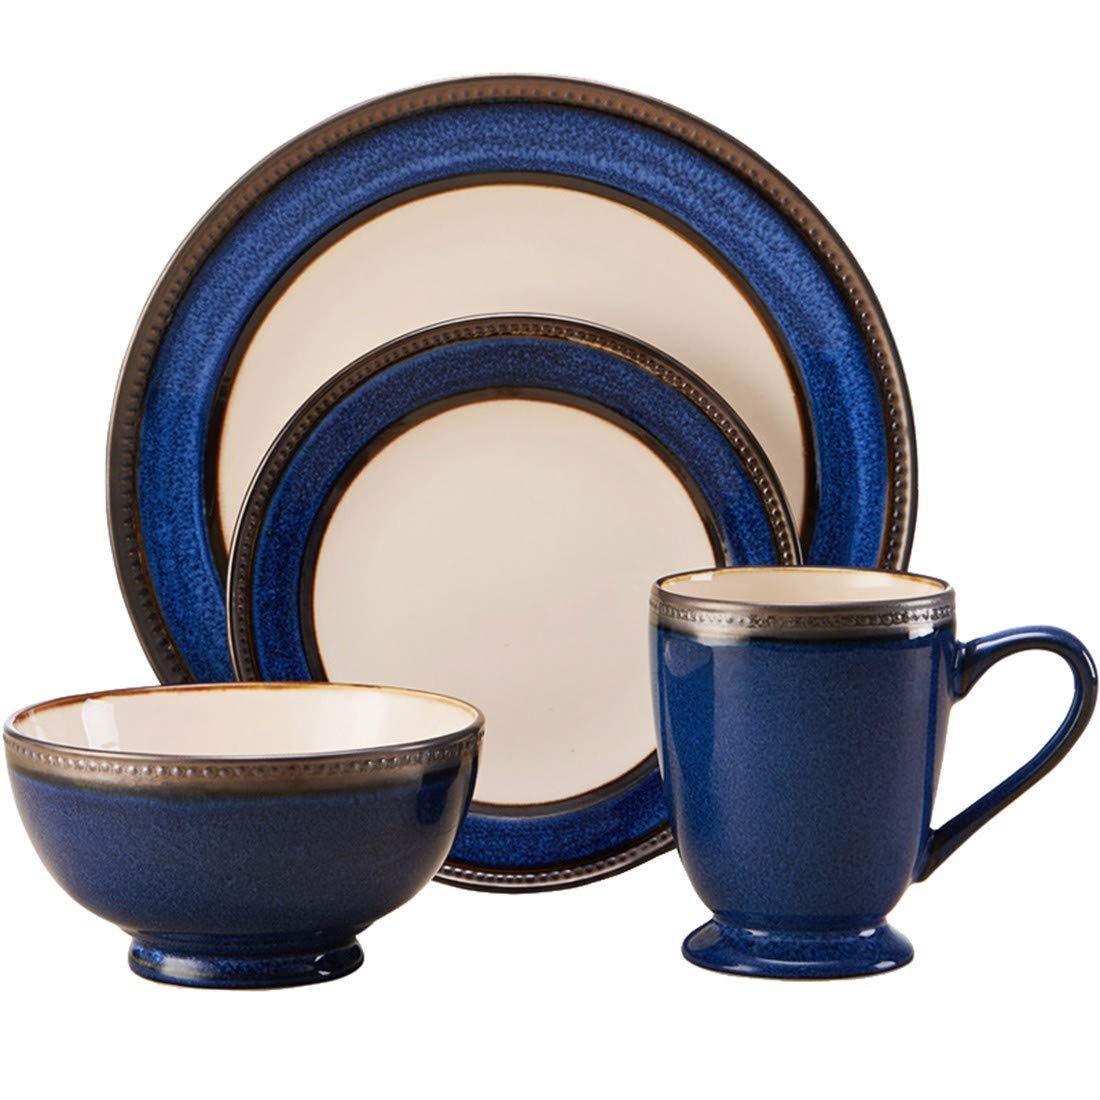 QPGGP-Teller Das Blaue Glasur Continental Cup Und Teller Hat Kreative Und Wiederherstellung,EIN